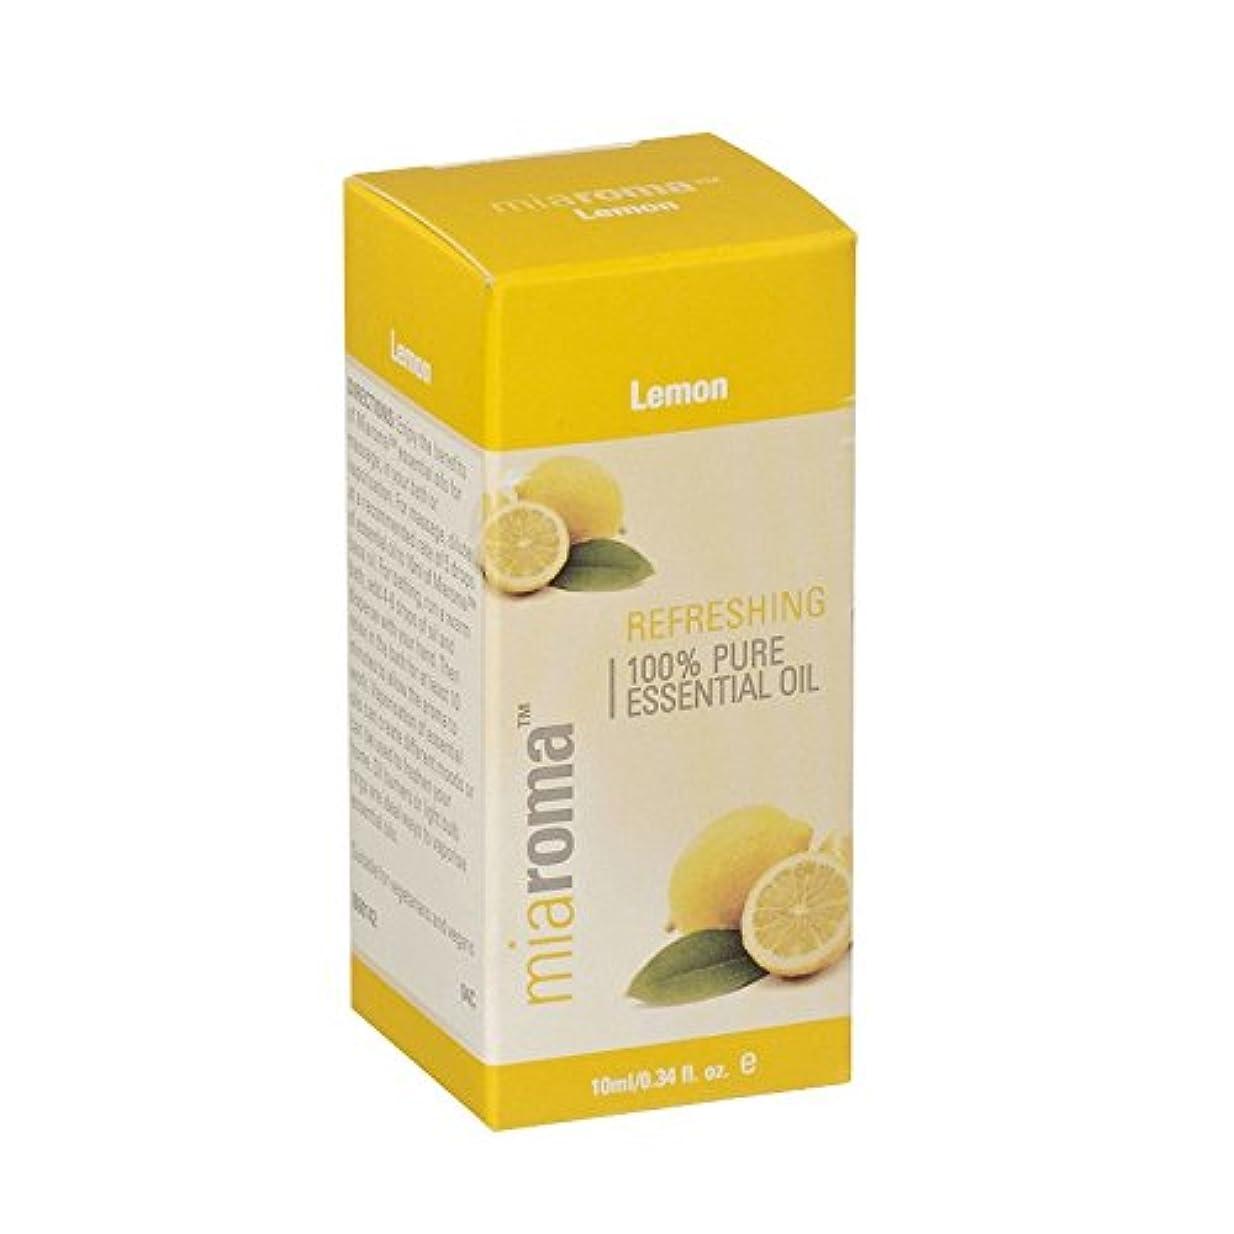 コンピューターゲームをプレイするサロンハイライトMiaromaレモン純粋なエッセンシャルオイル - Miaroma Lemon Pure Essential Oil (Miaroma) [並行輸入品]